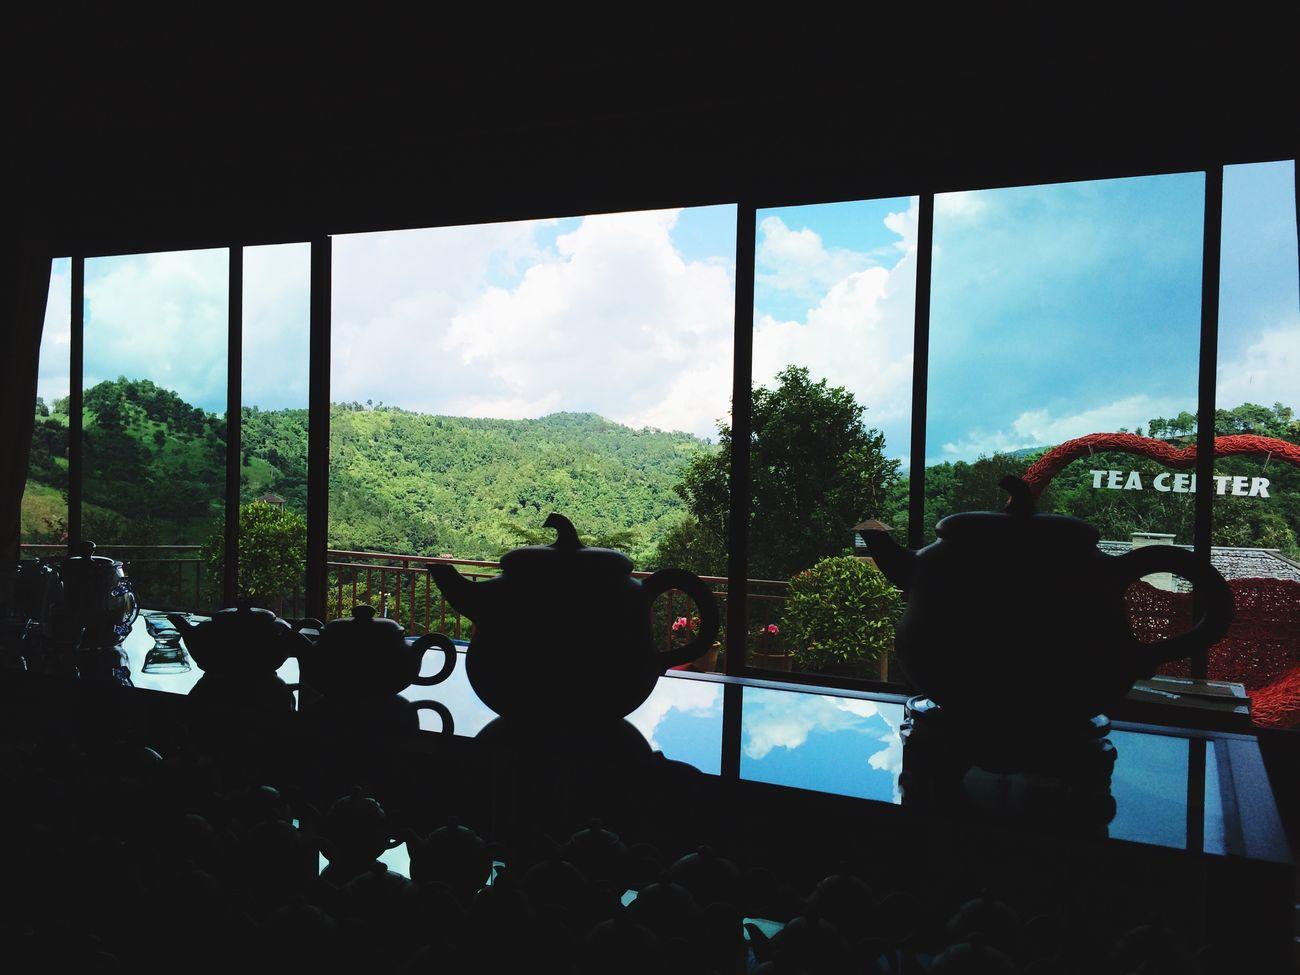 ไร่ชา 101 (Tea 101 Platation) Doi Mae Salong Chiang Rai. Sky Thailand_allshots Travel Photography Thailand IPhoneography EyeEm Best Shots Iphonephotography Tea Tea Time Chiang Rai